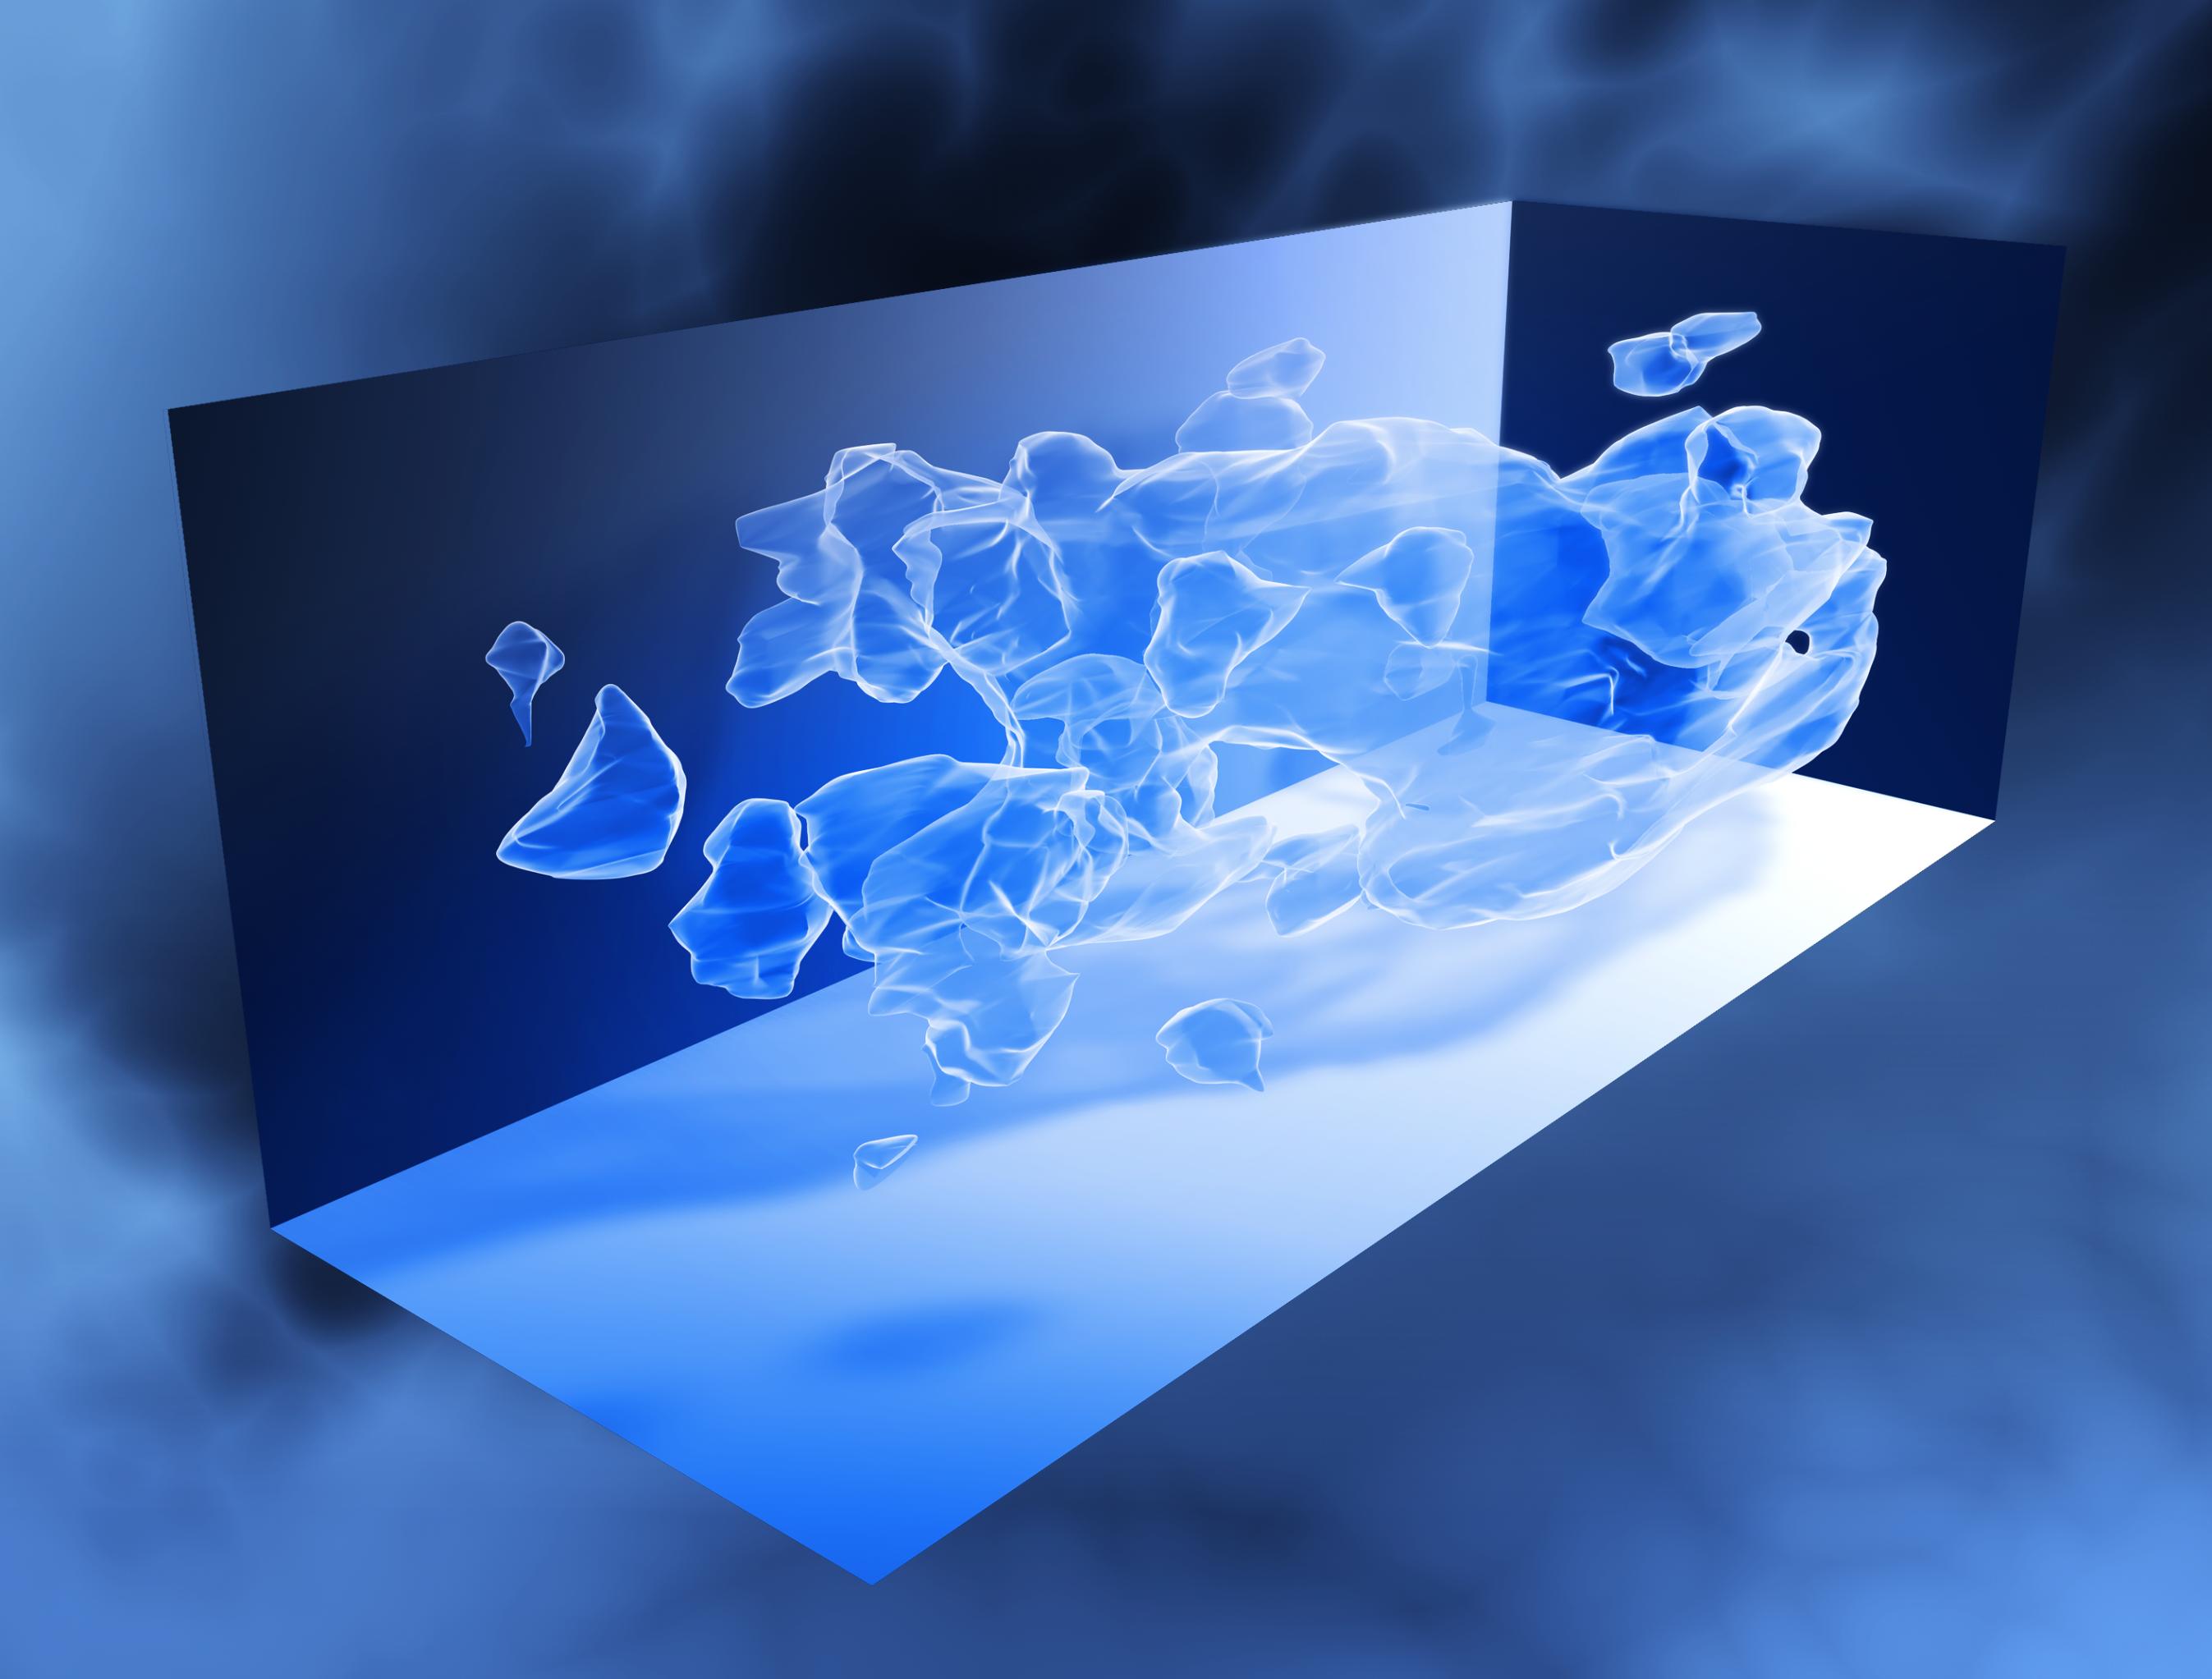 Recreación gráfica de la distribución de la materia oscura en el universo. Según cálculos, la materia oscura representa el 25% de la materia del universo y alrededor del 80% de su masa total.